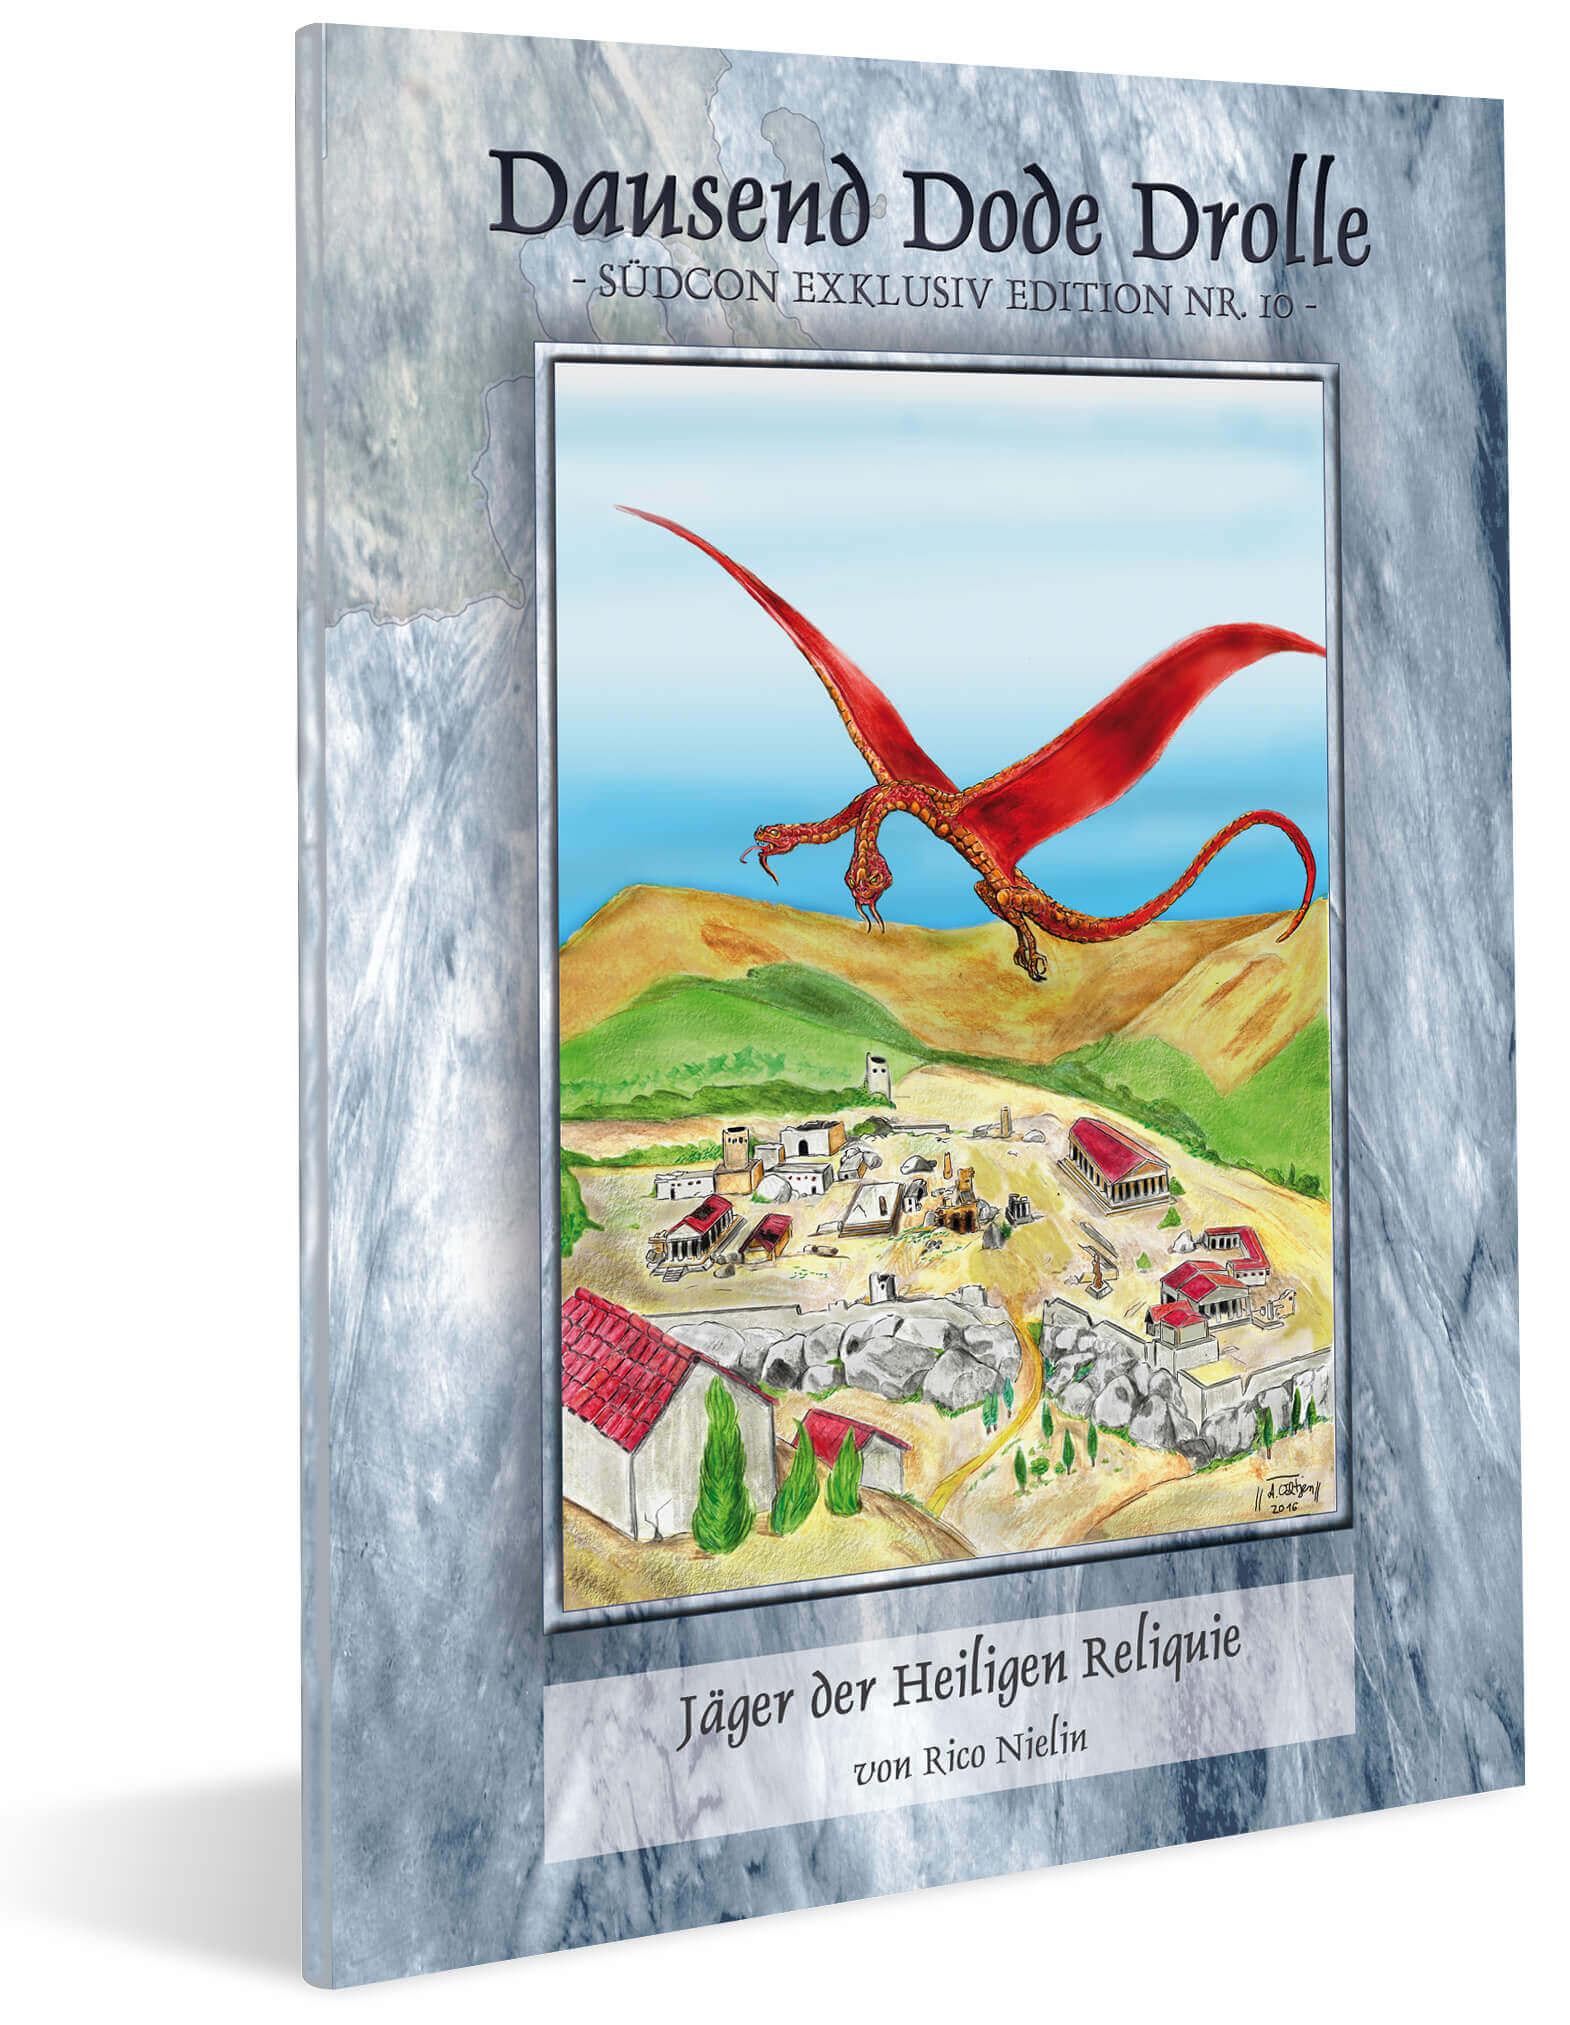 Cover Midgard Südcon Abenteuerband Jäger der Heiligen Reliquie